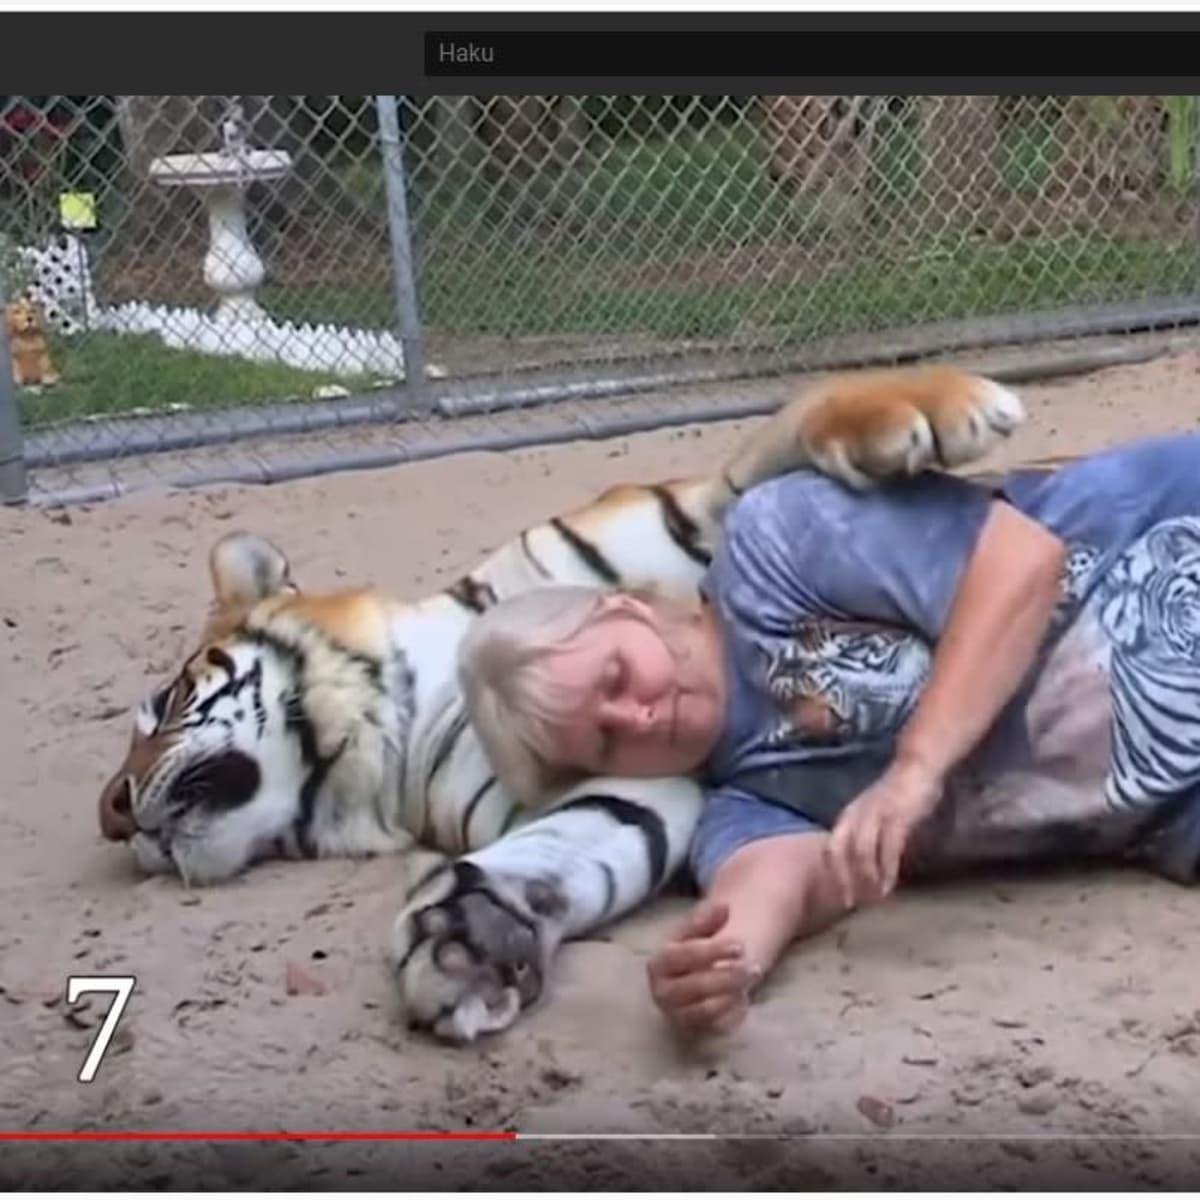 Kuvakaappaus Youtube-videosta: nainen makaa makaavan tiikerin kainalossa.